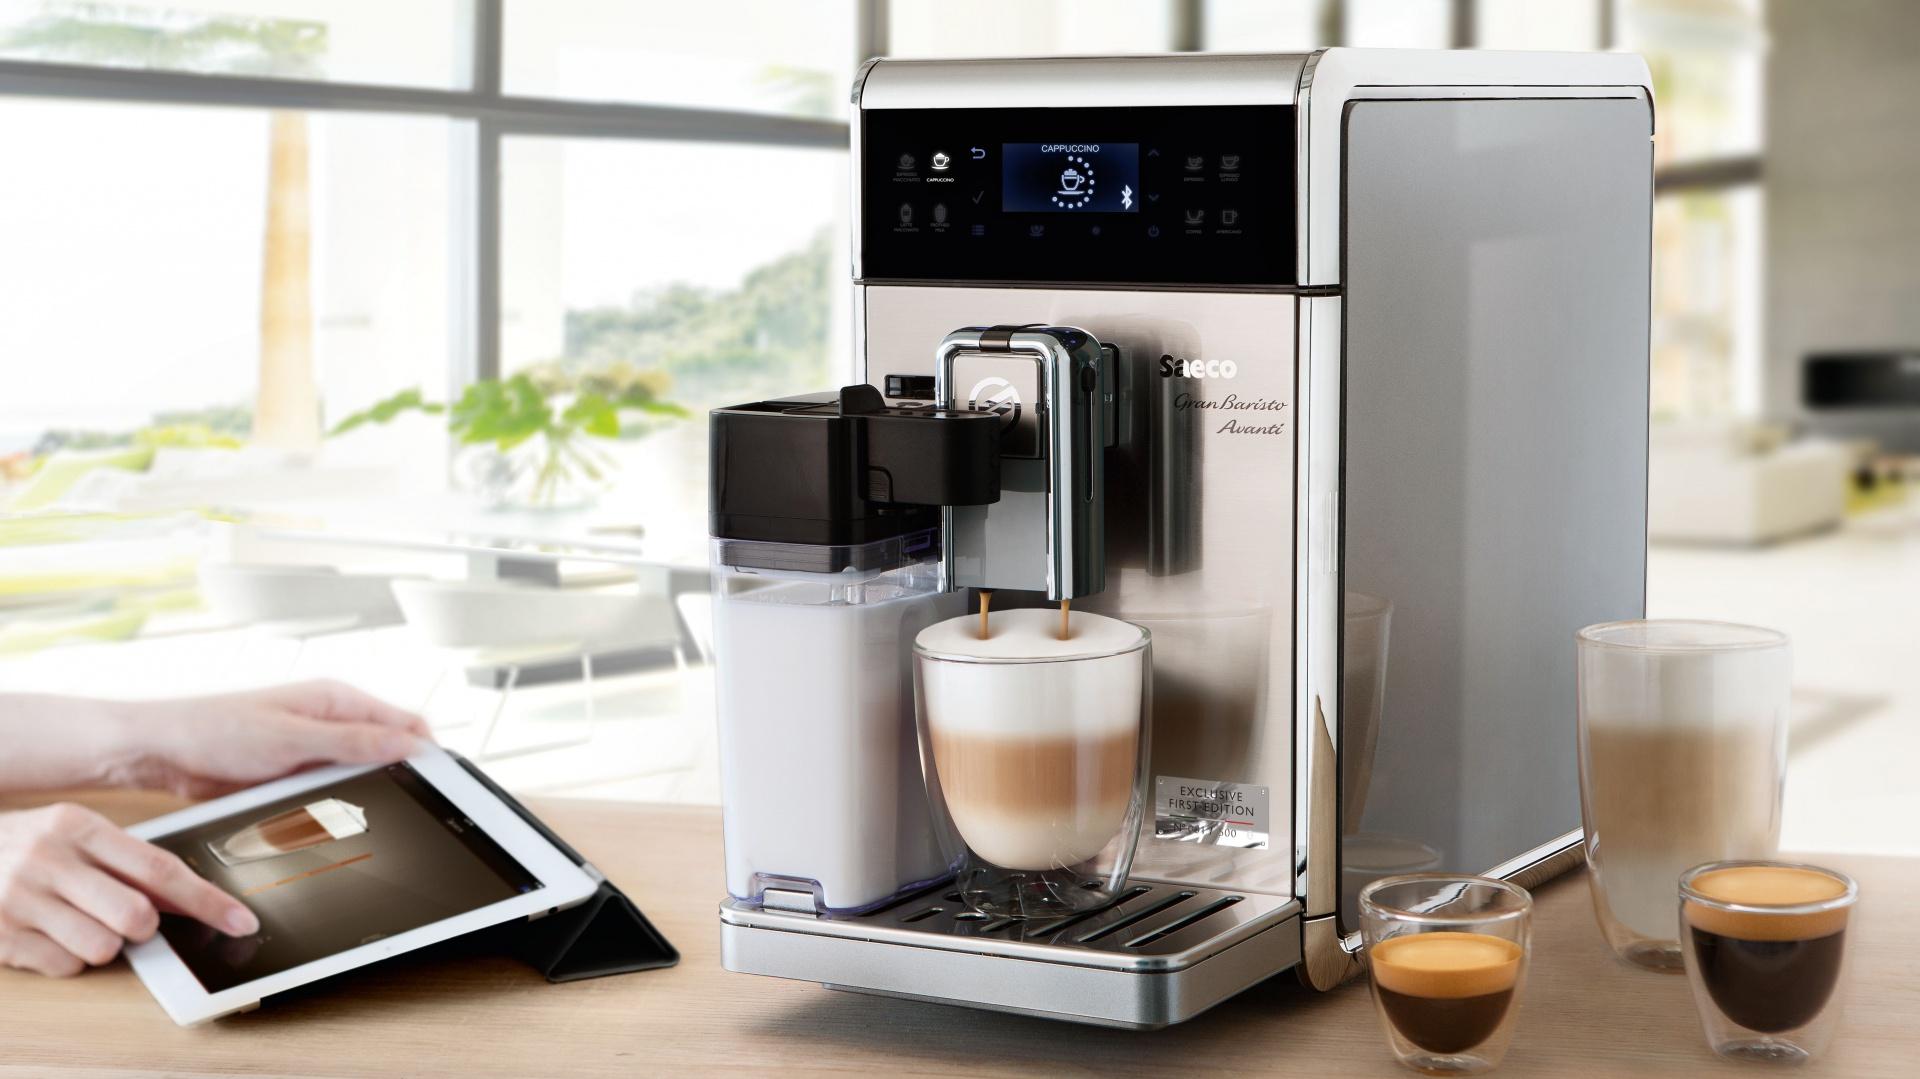 W pełni automatyczny ekspres do kawy Saeco GranBaristo Avanti, dzięki mobilnej aplikacji pozwala zarządzać procesem parzenia za pośrednictwem tabletu. Fot. Philips